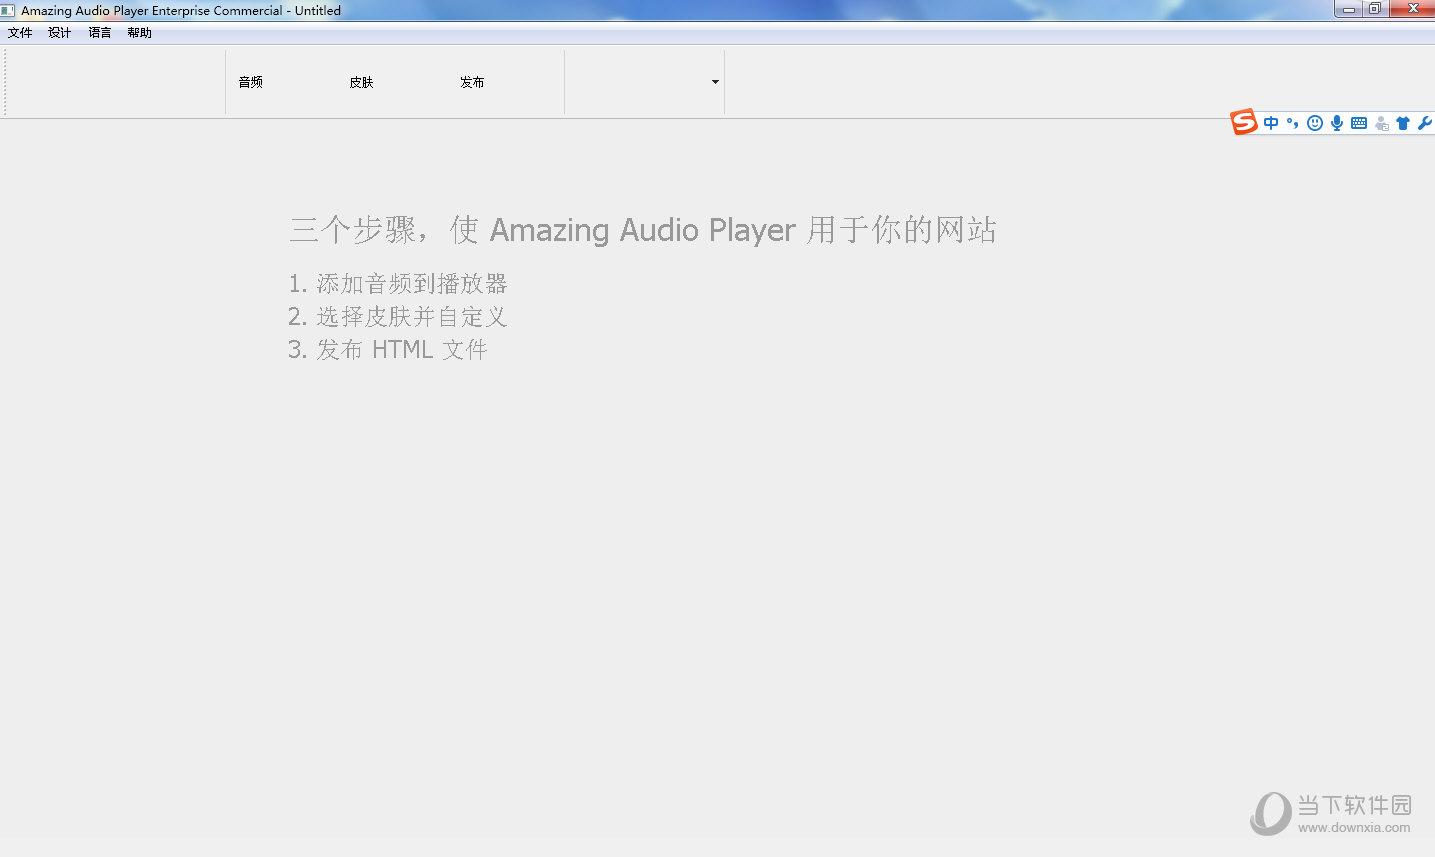 Amazing Audio Player